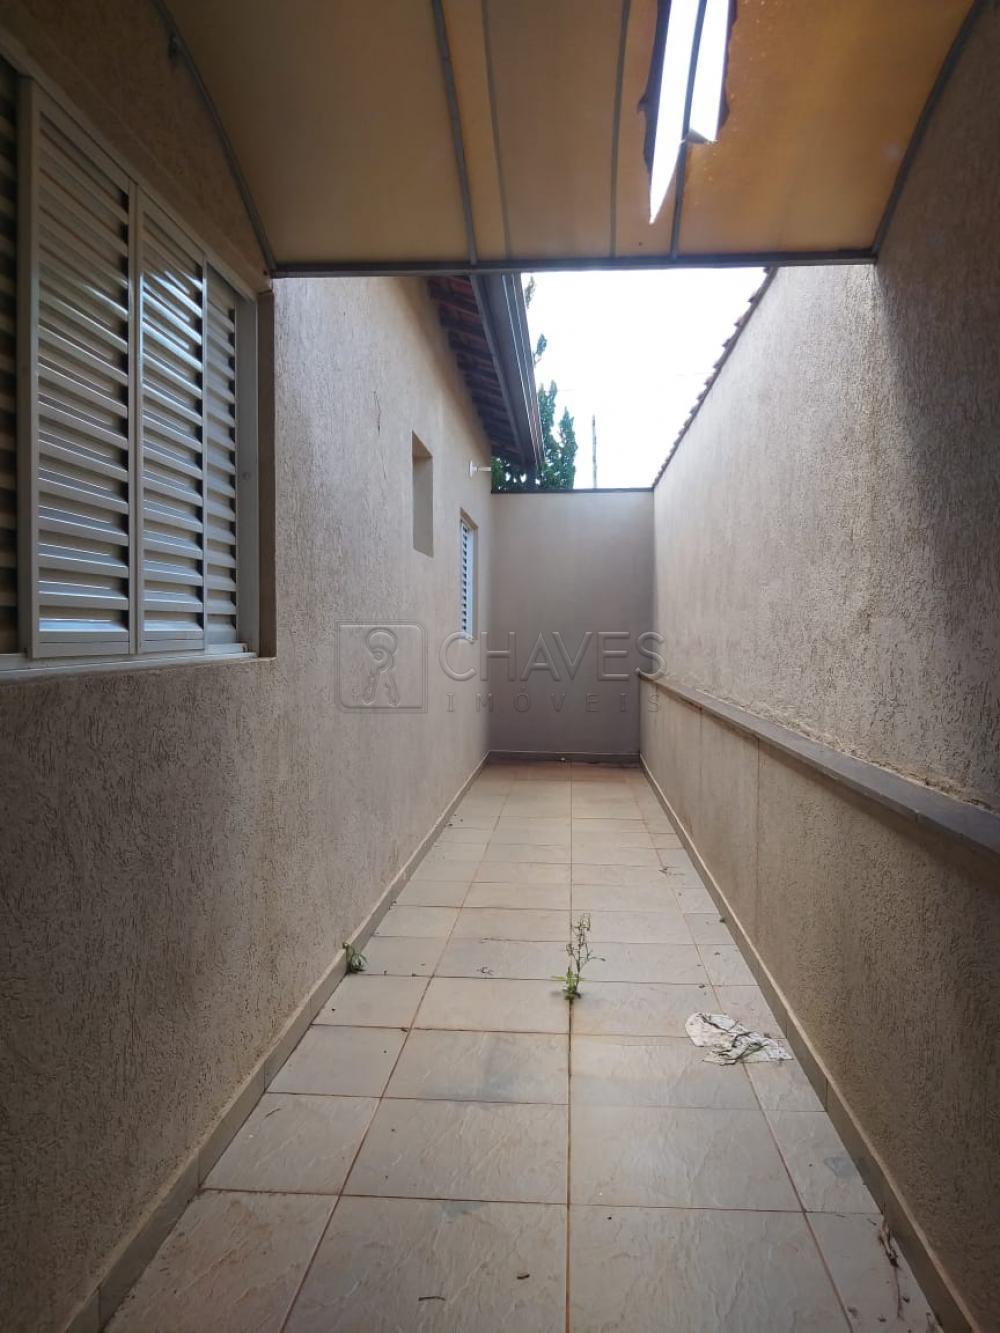 Comprar Casa / Condomínio em Bonfim Paulista apenas R$ 632.000,00 - Foto 12